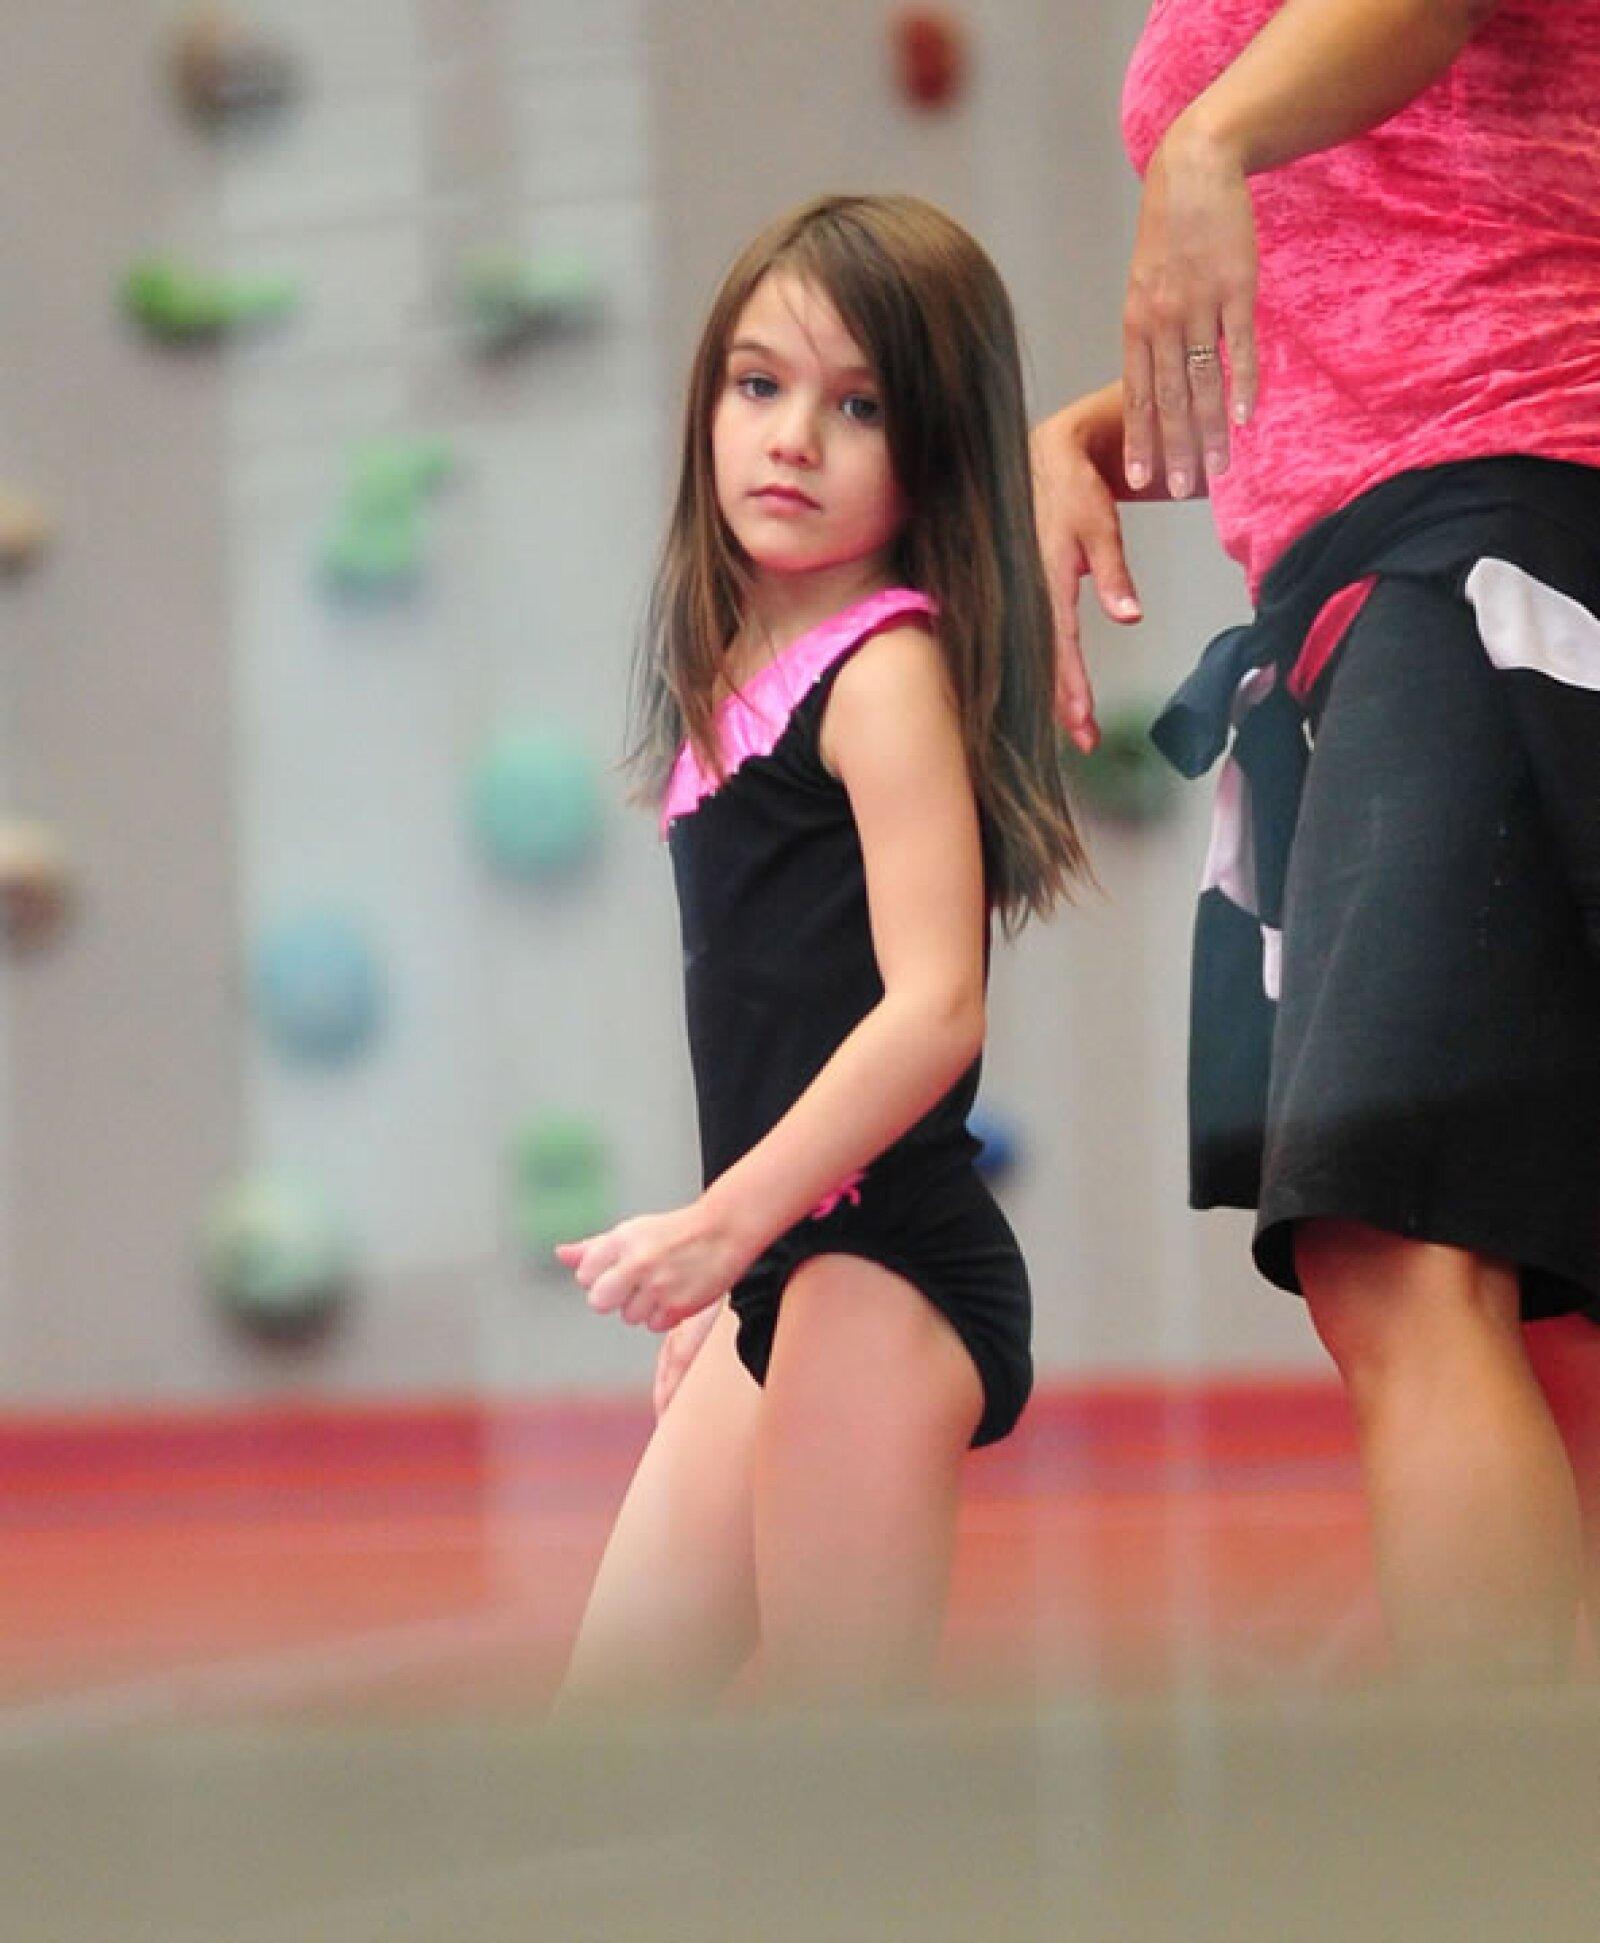 La pequeña es fanática de sus clases de gimnasia.